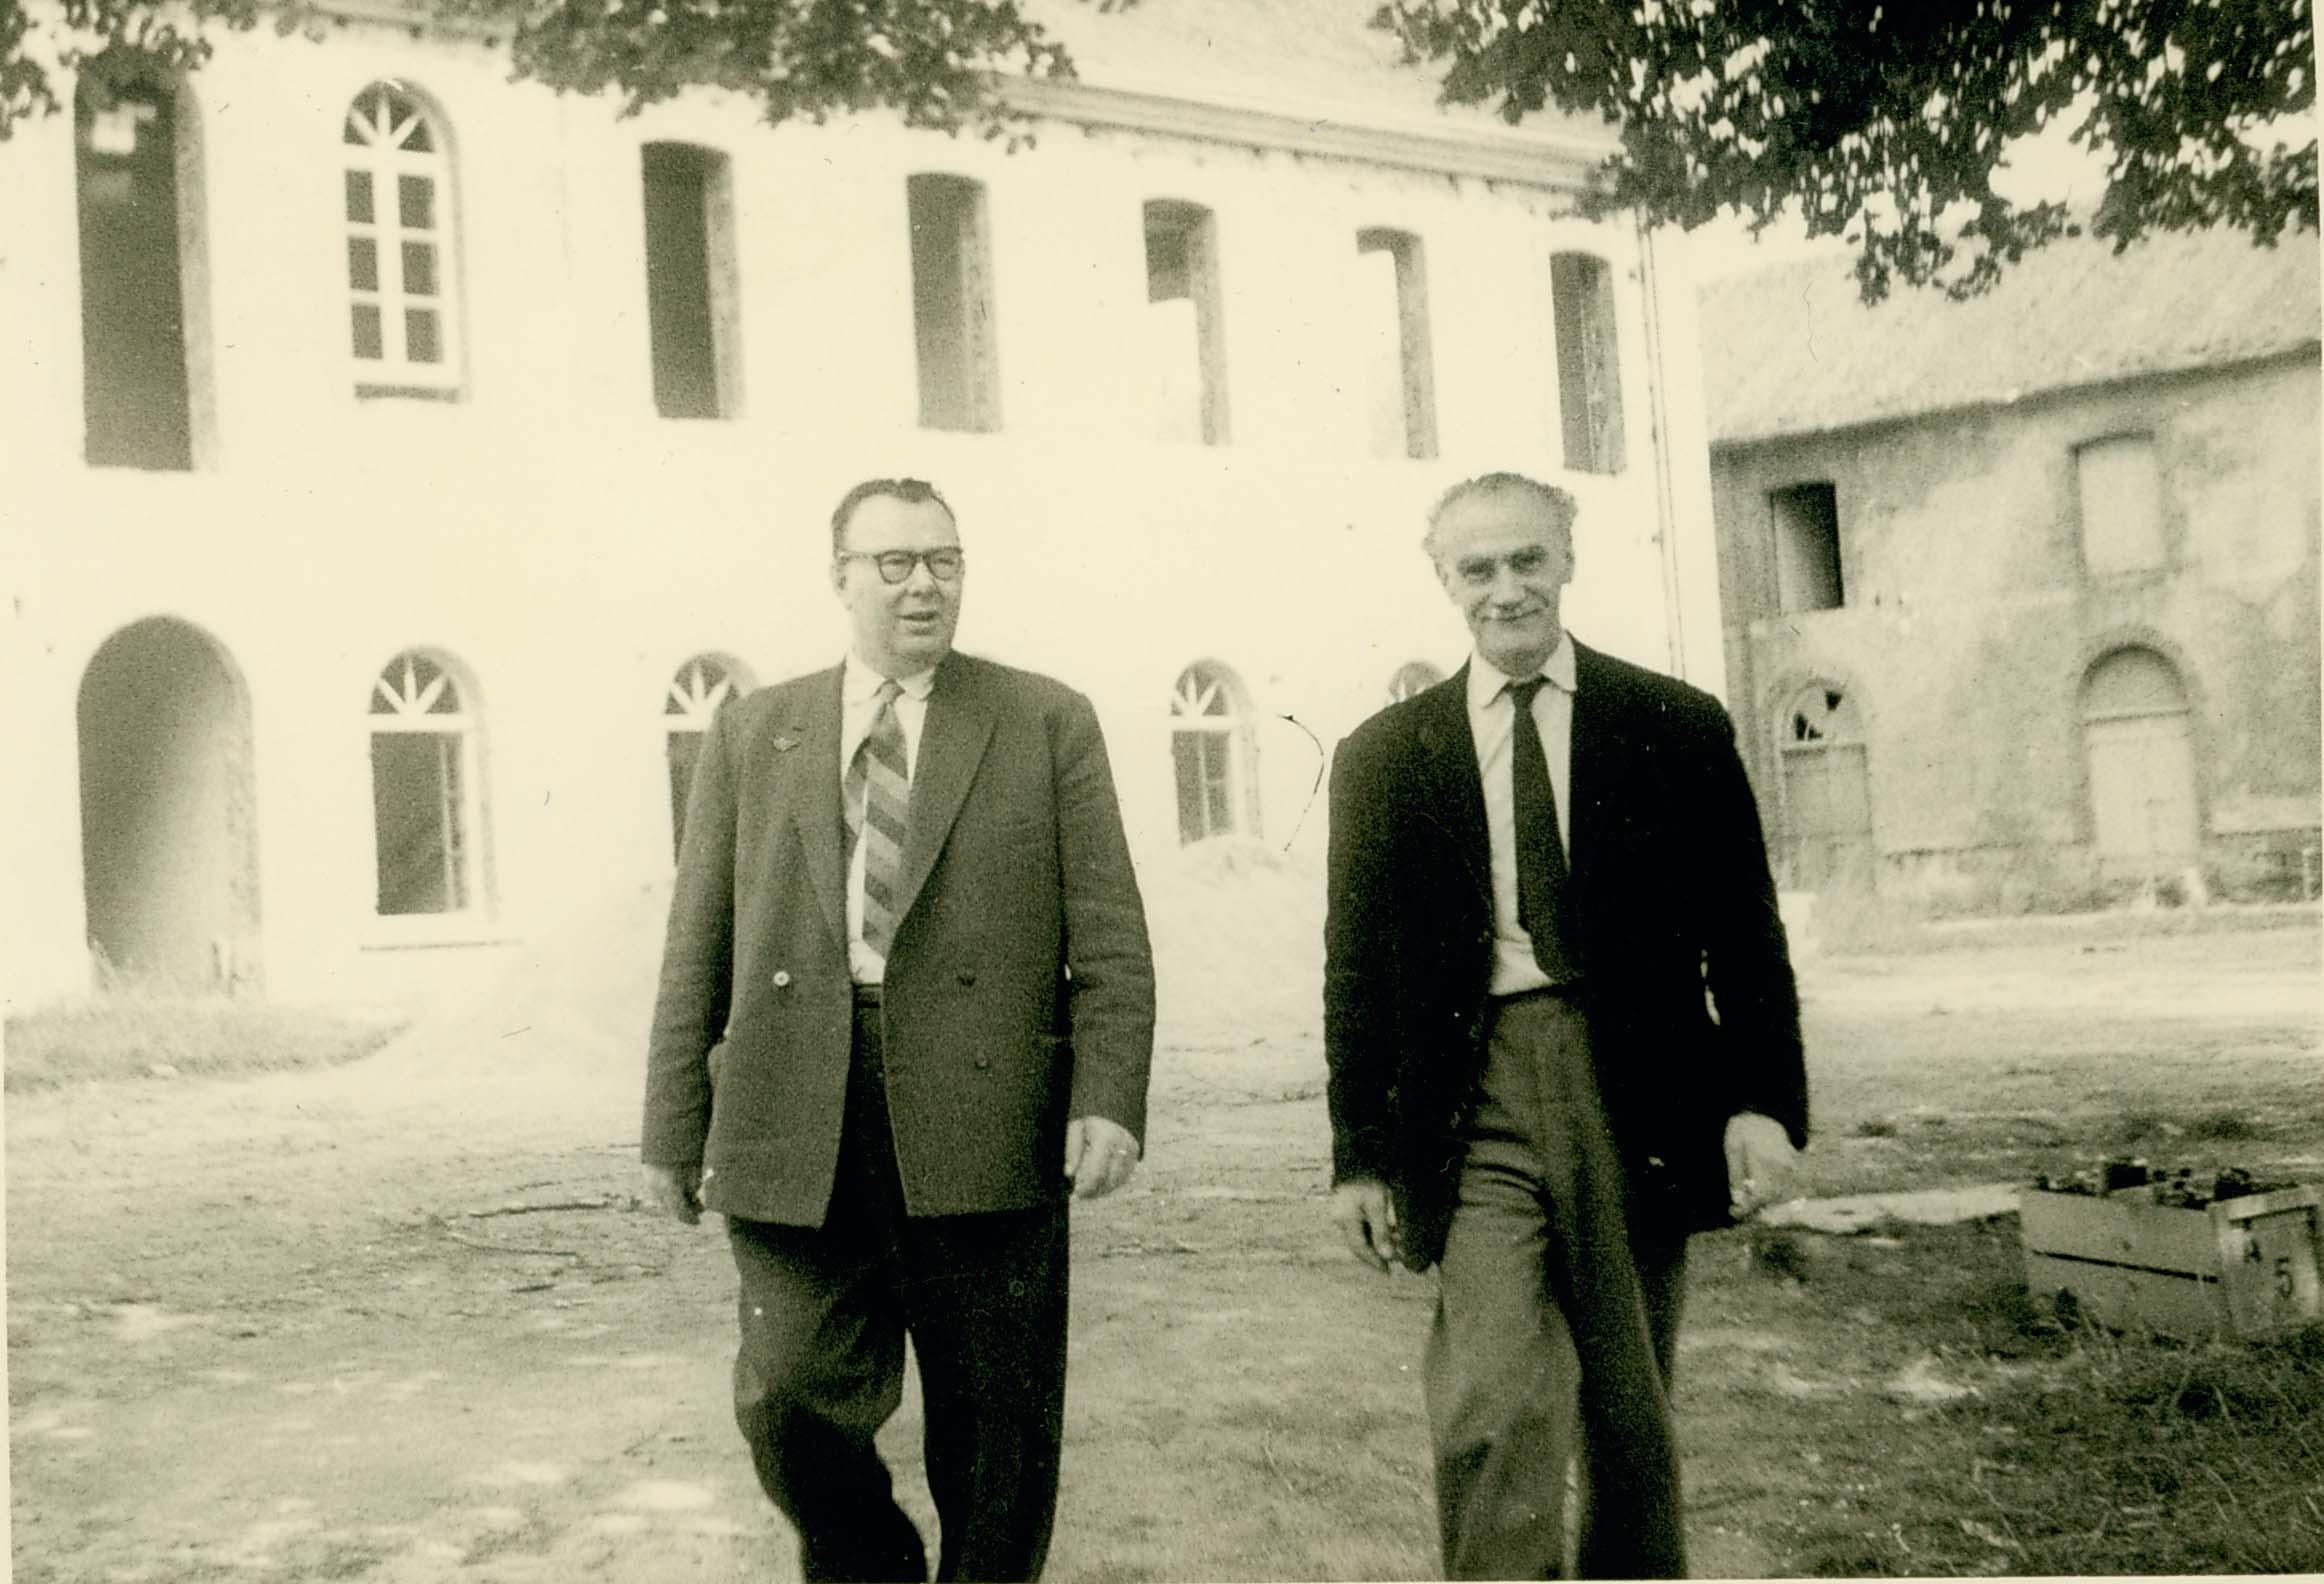 Gilbert Lesage, Chateau de Charbonniere, 1950